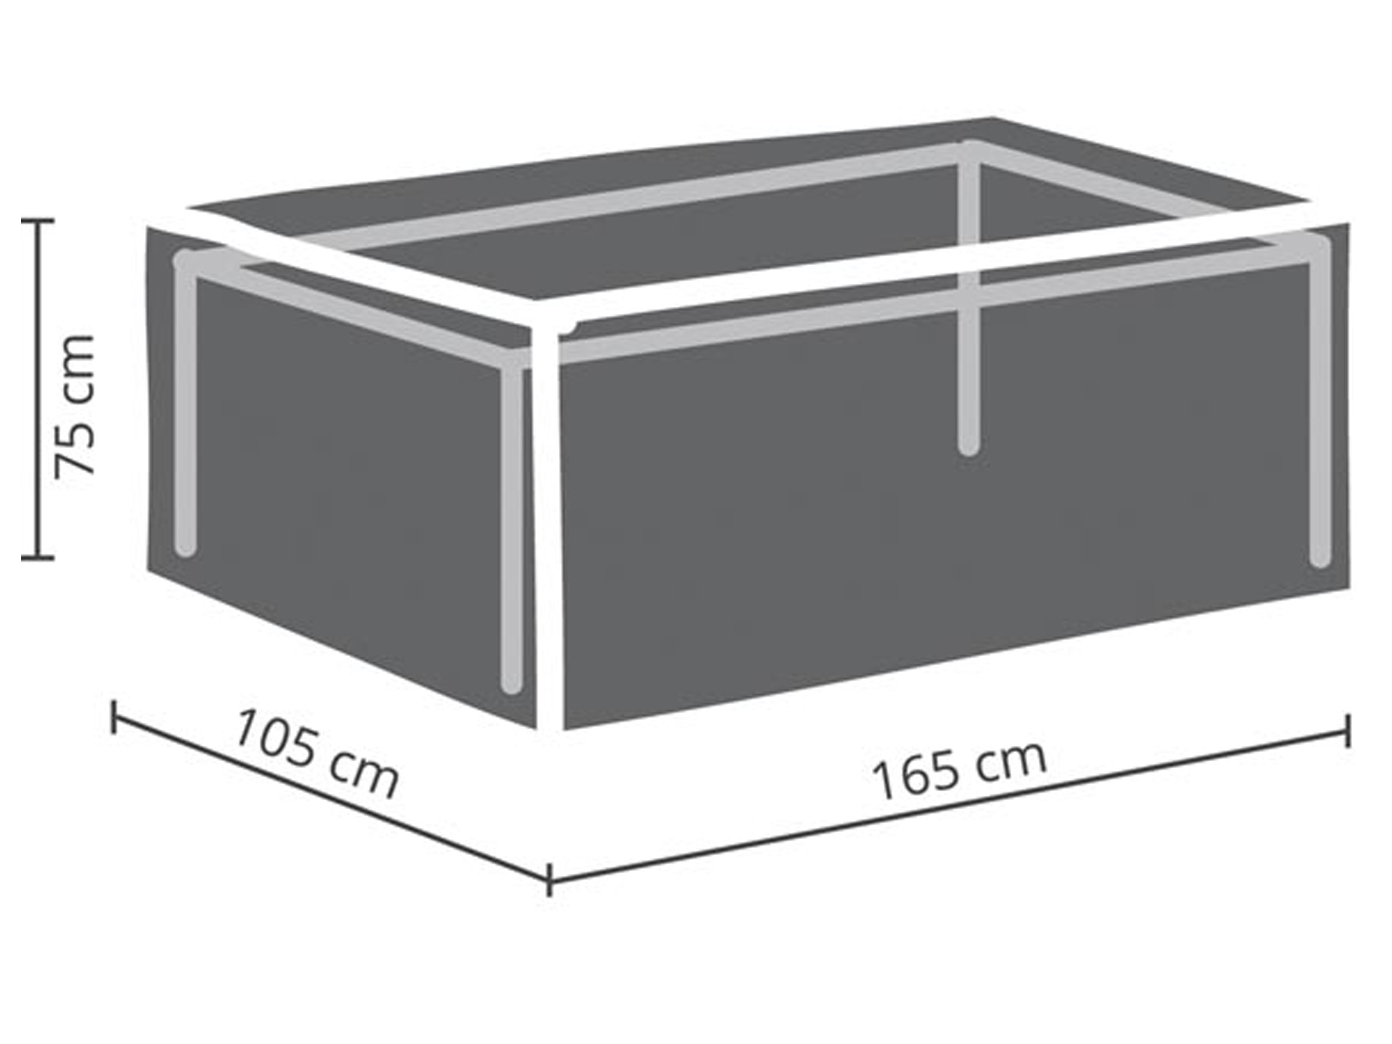 Gartenmobel Schutzhulle Abdeckung Fur Gartentisch Max 160cm